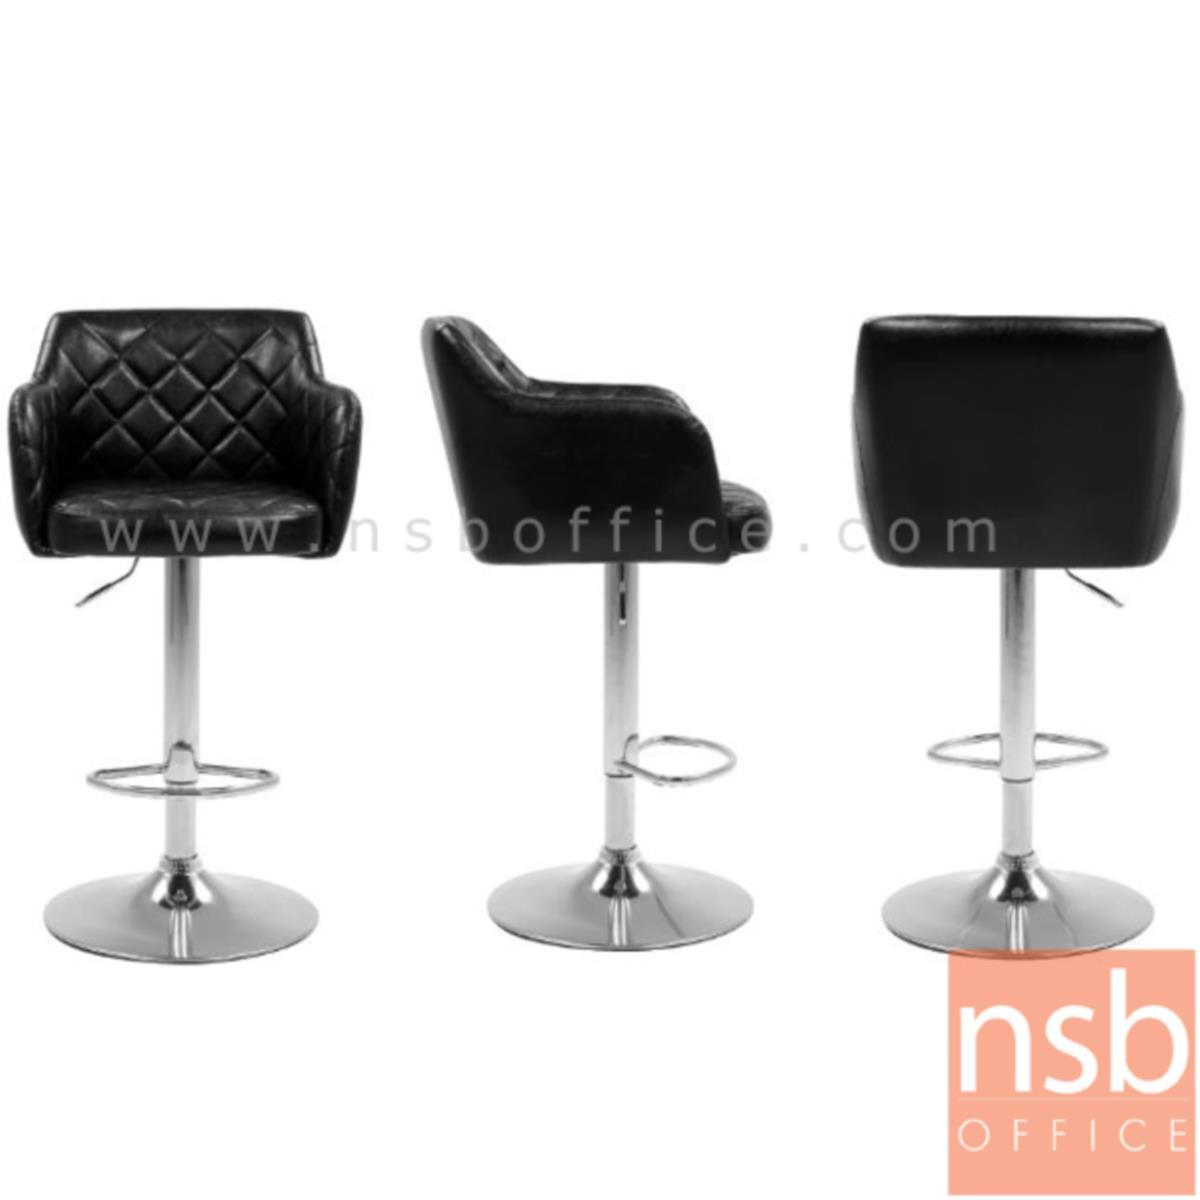 เก้าอี้บาร์สูงหนัง PU BY-CAST รุ่น BHS-5771 ขนาด 56W cm. โช๊คแก๊ส ขาโครเมี่ยมฐานจานกลม